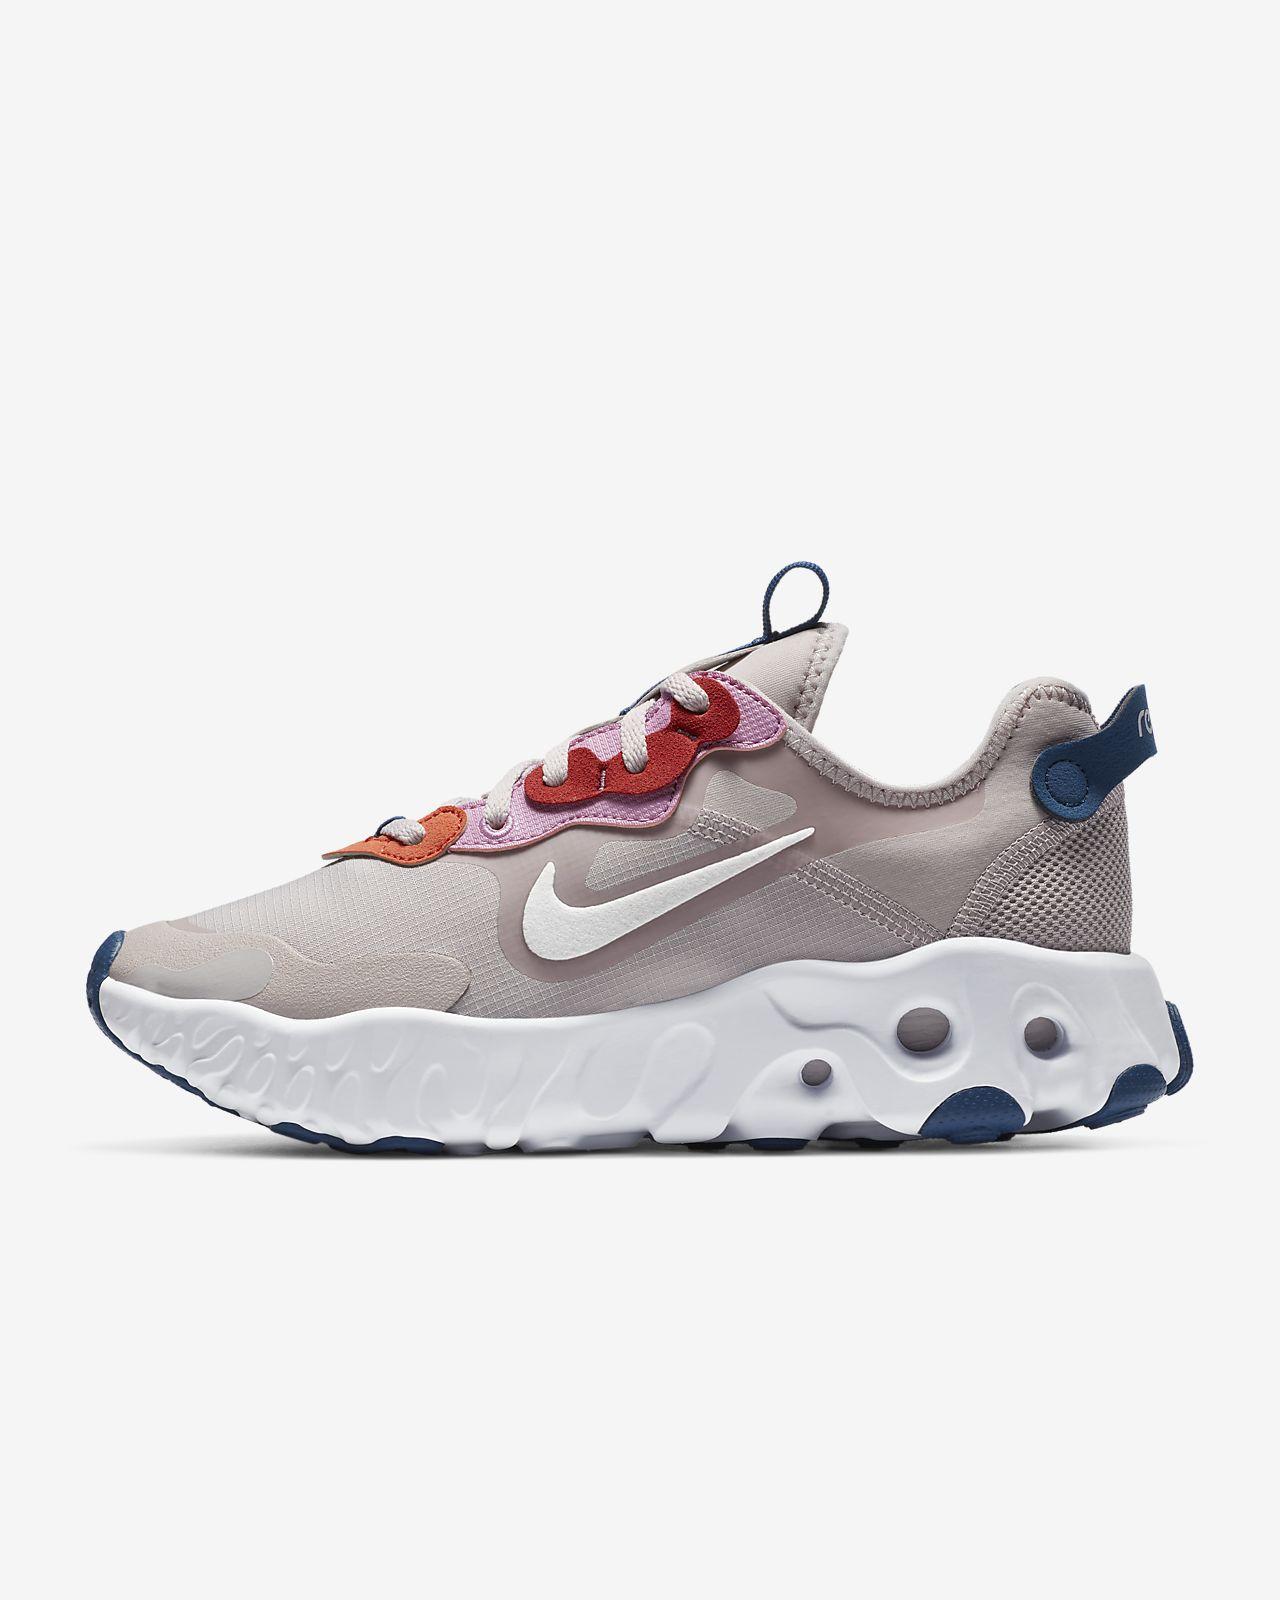 Nike React Art3mis Women's Shoe